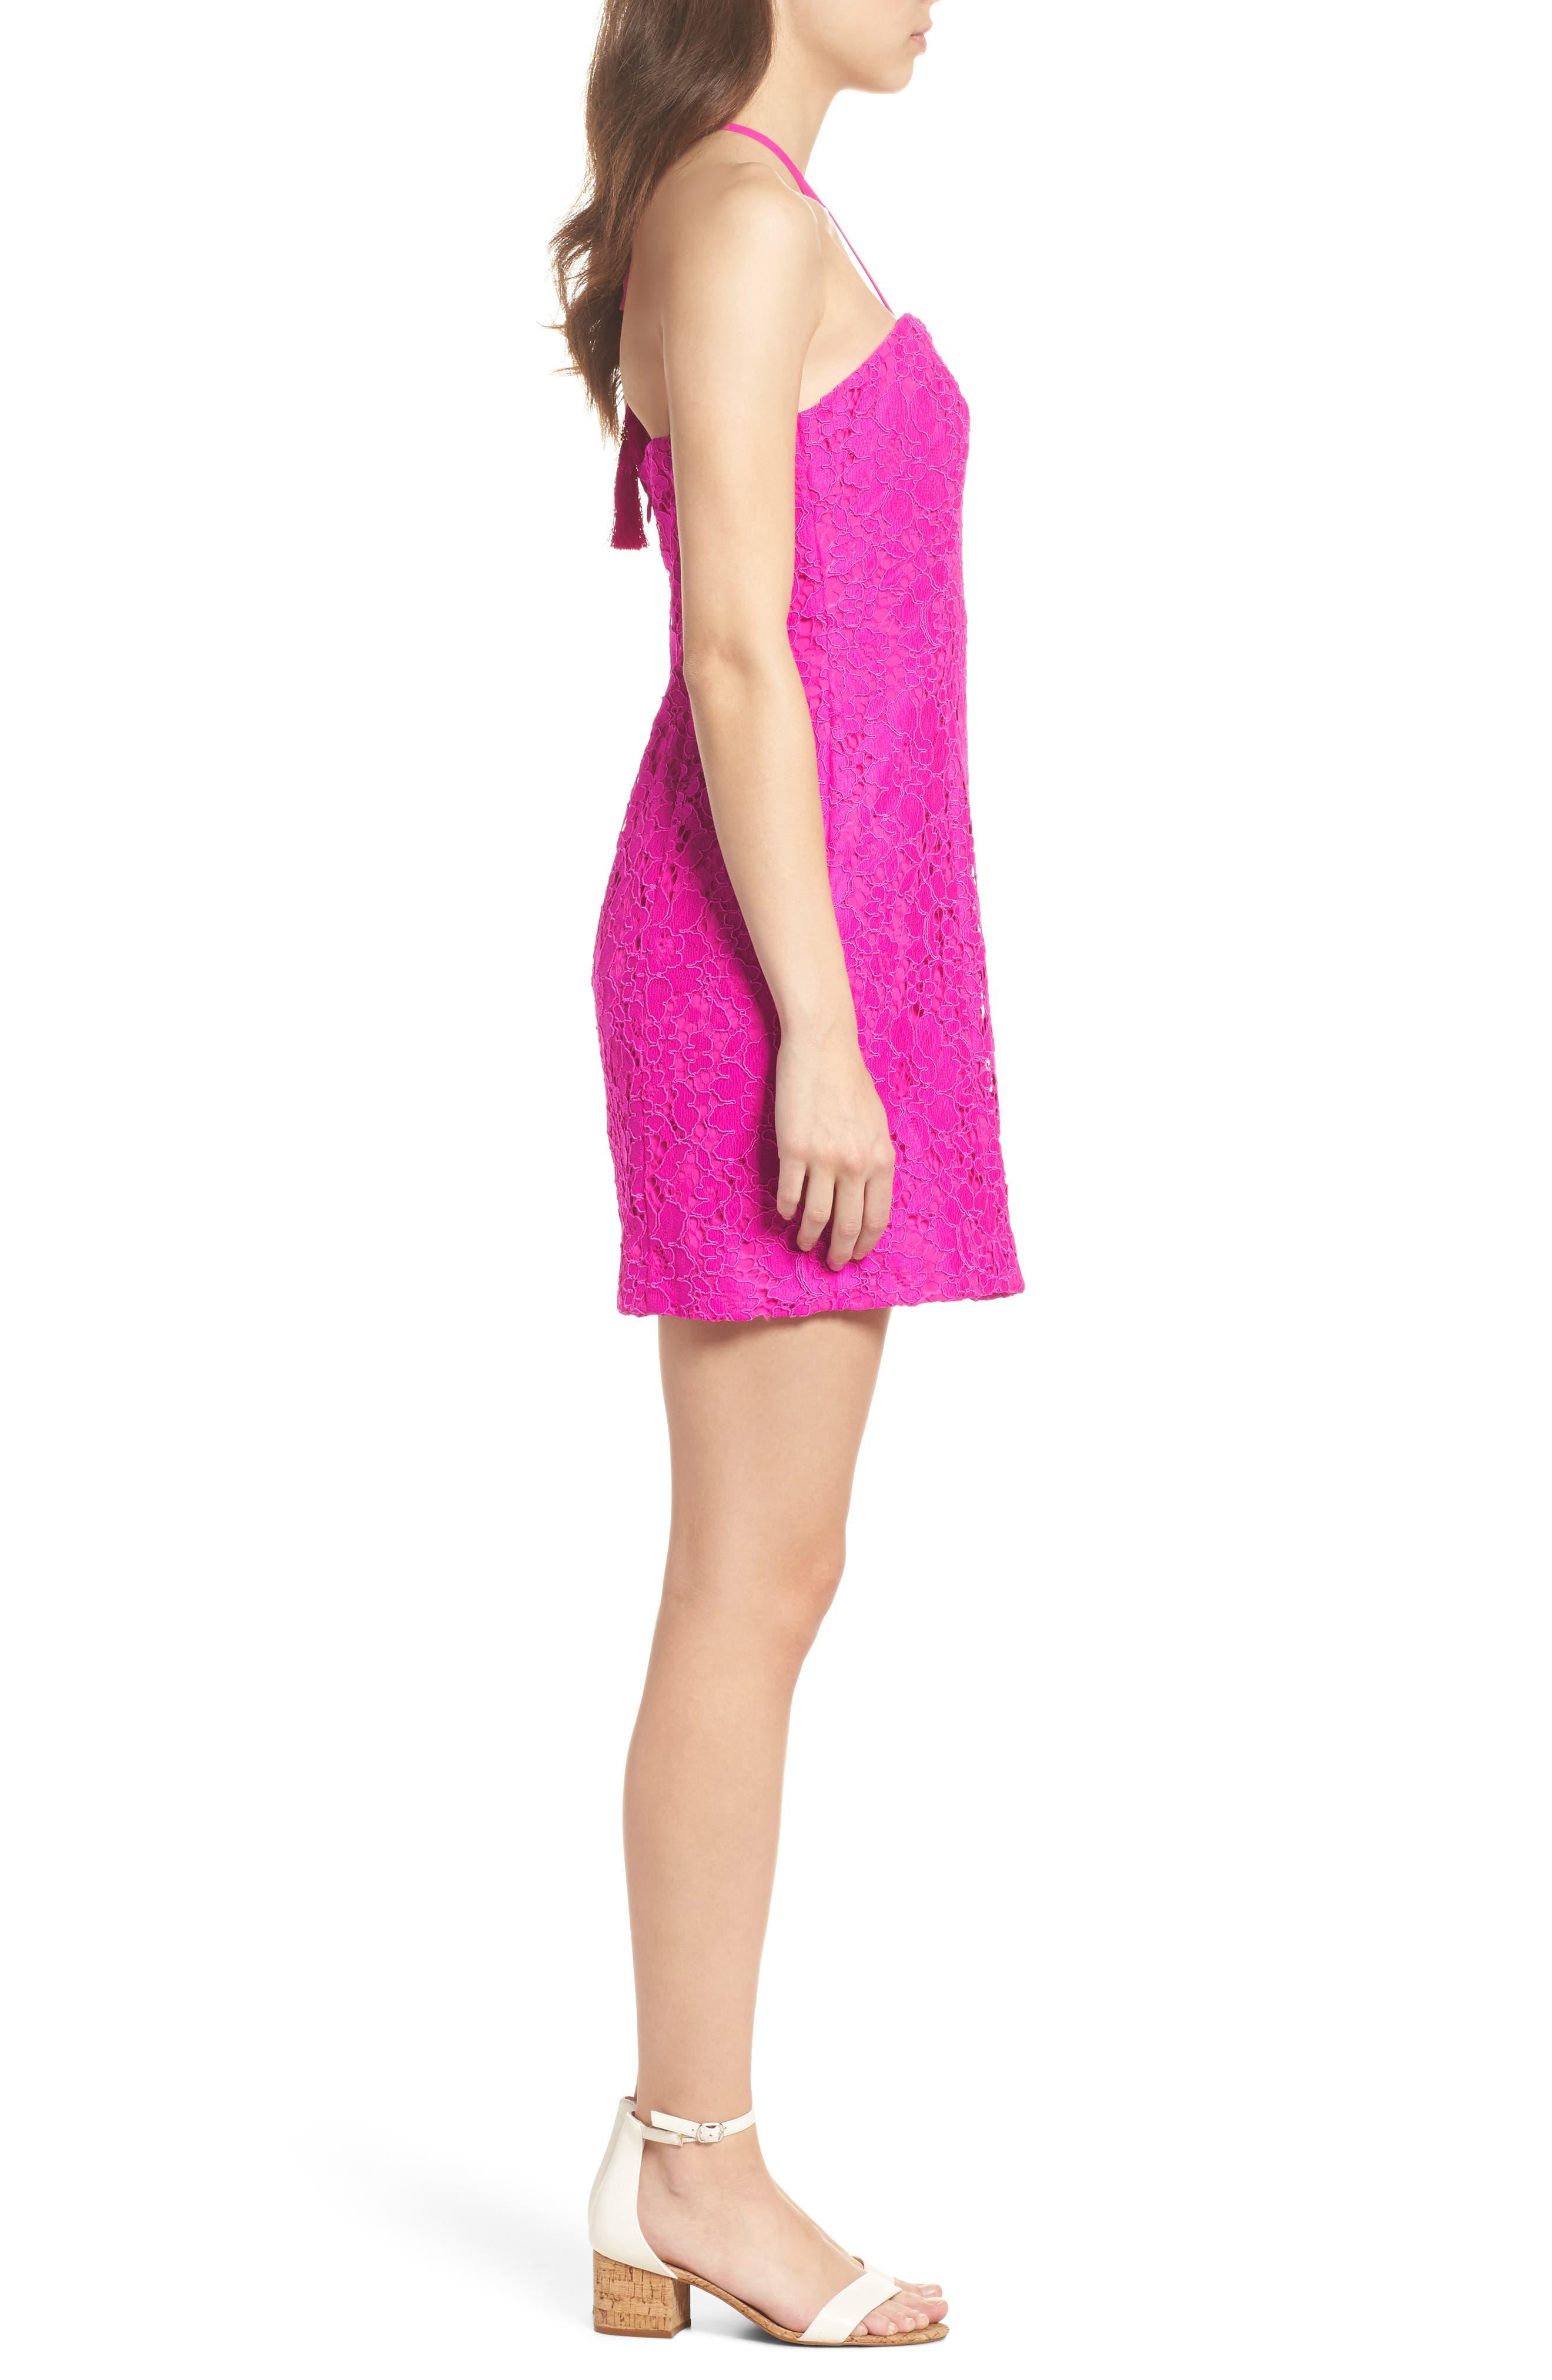 Demi Lace Dress,                             Alternate thumbnail 4, color,                             BERRY SANGRIA FLORAL LACE